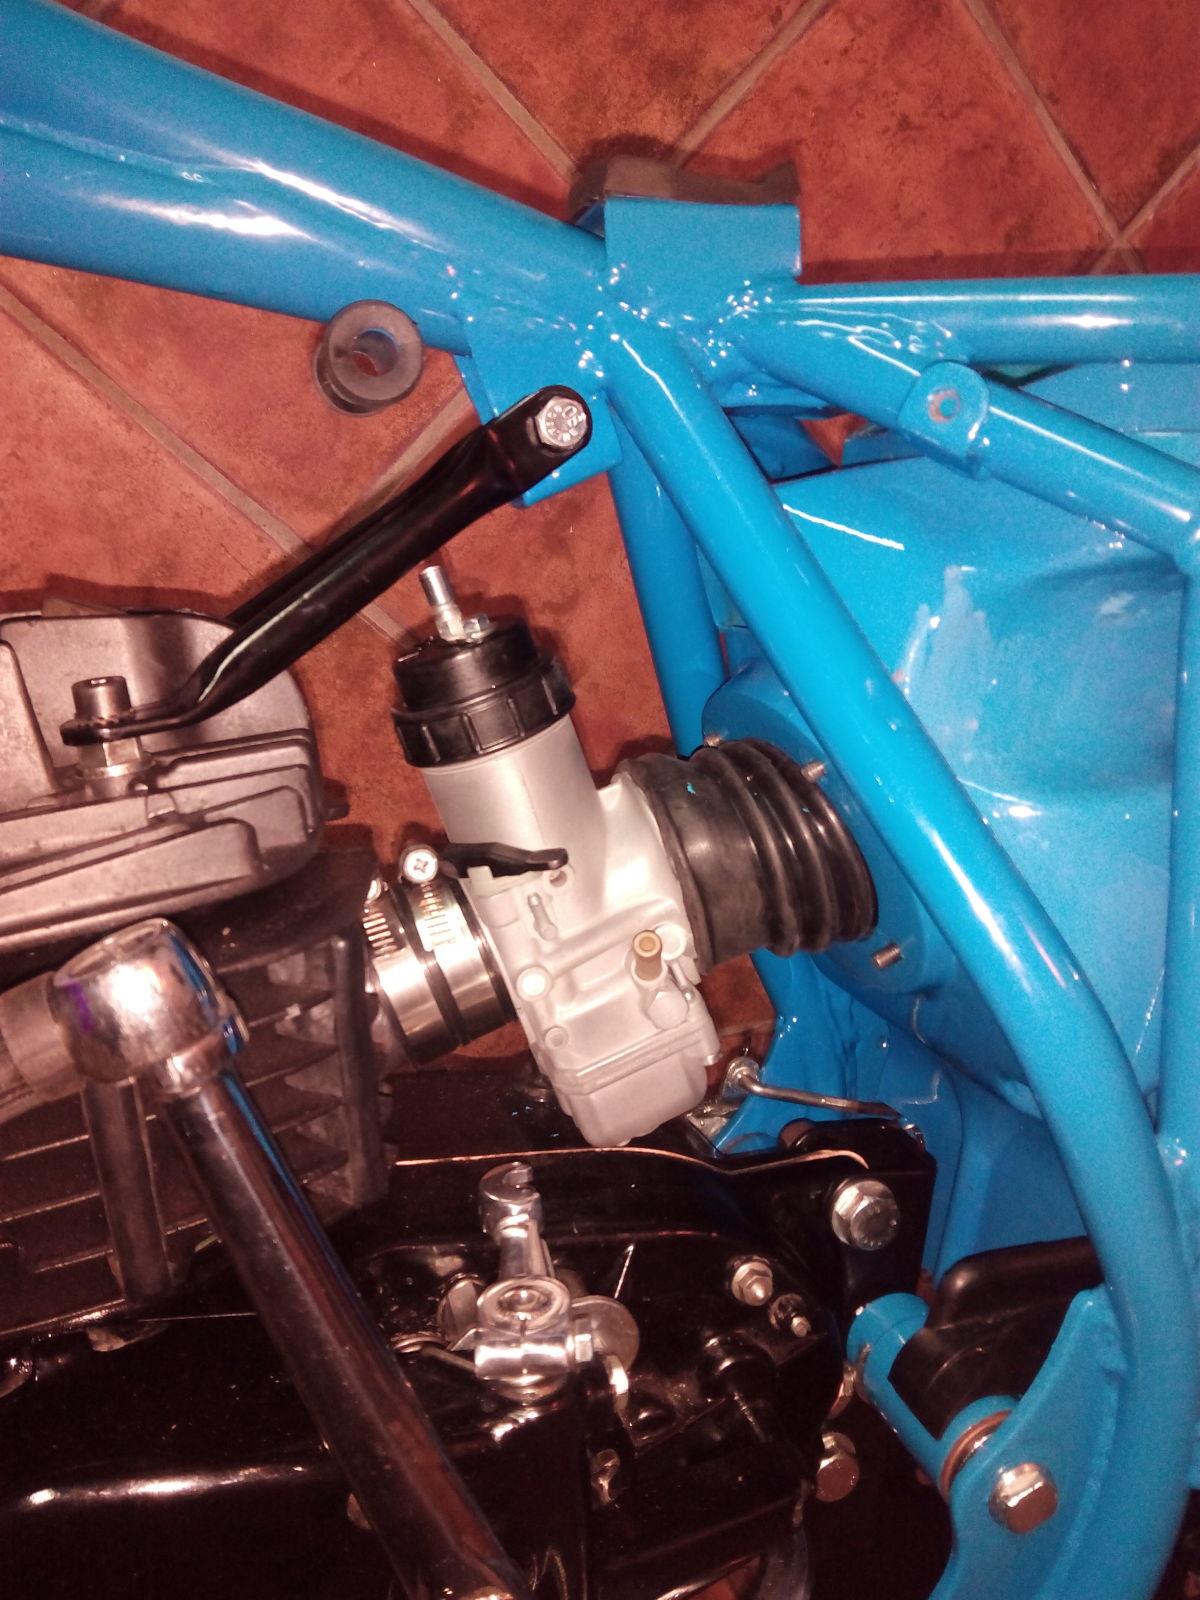 Bultaco MK11 370 - Motor - Página 4 2ry3vpd